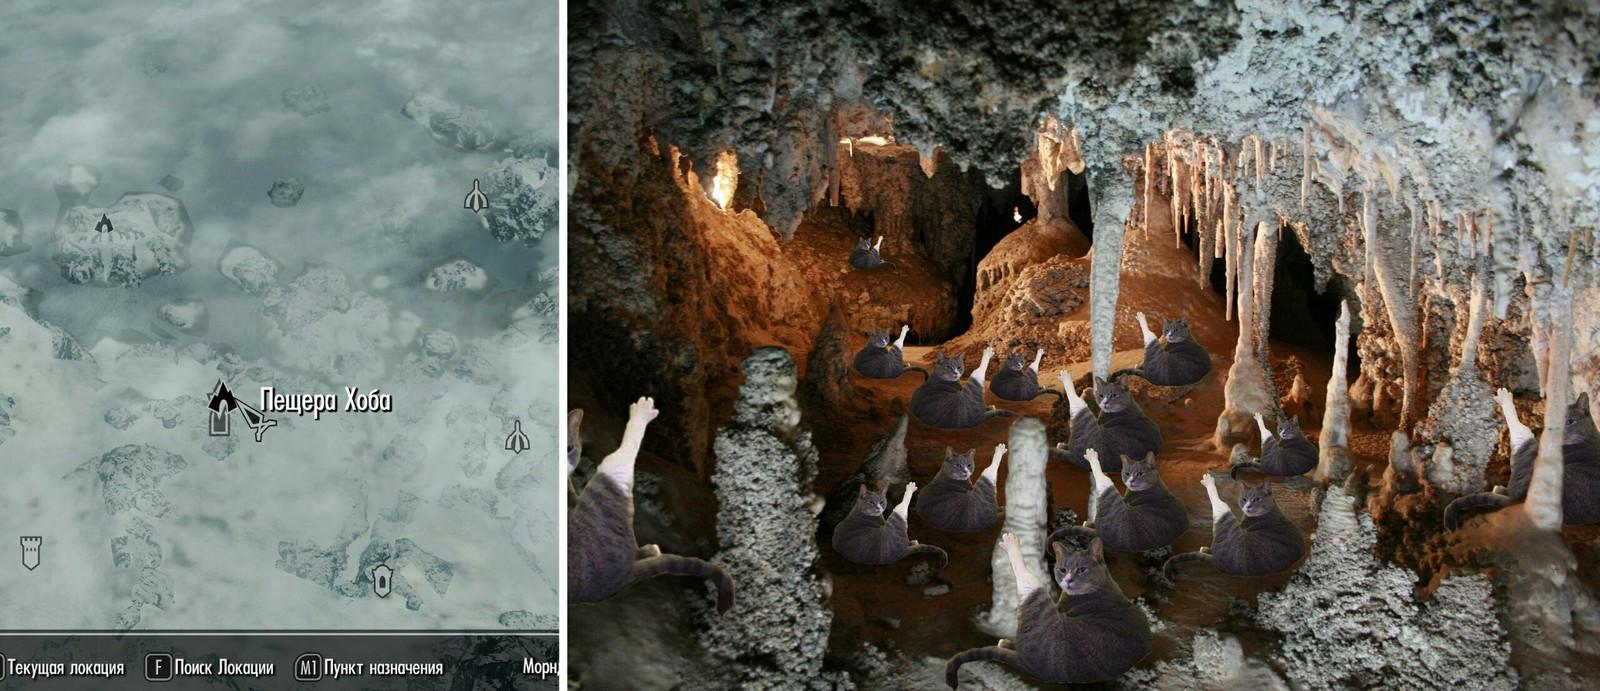 игровой автомат сокровища пещеры черный череп